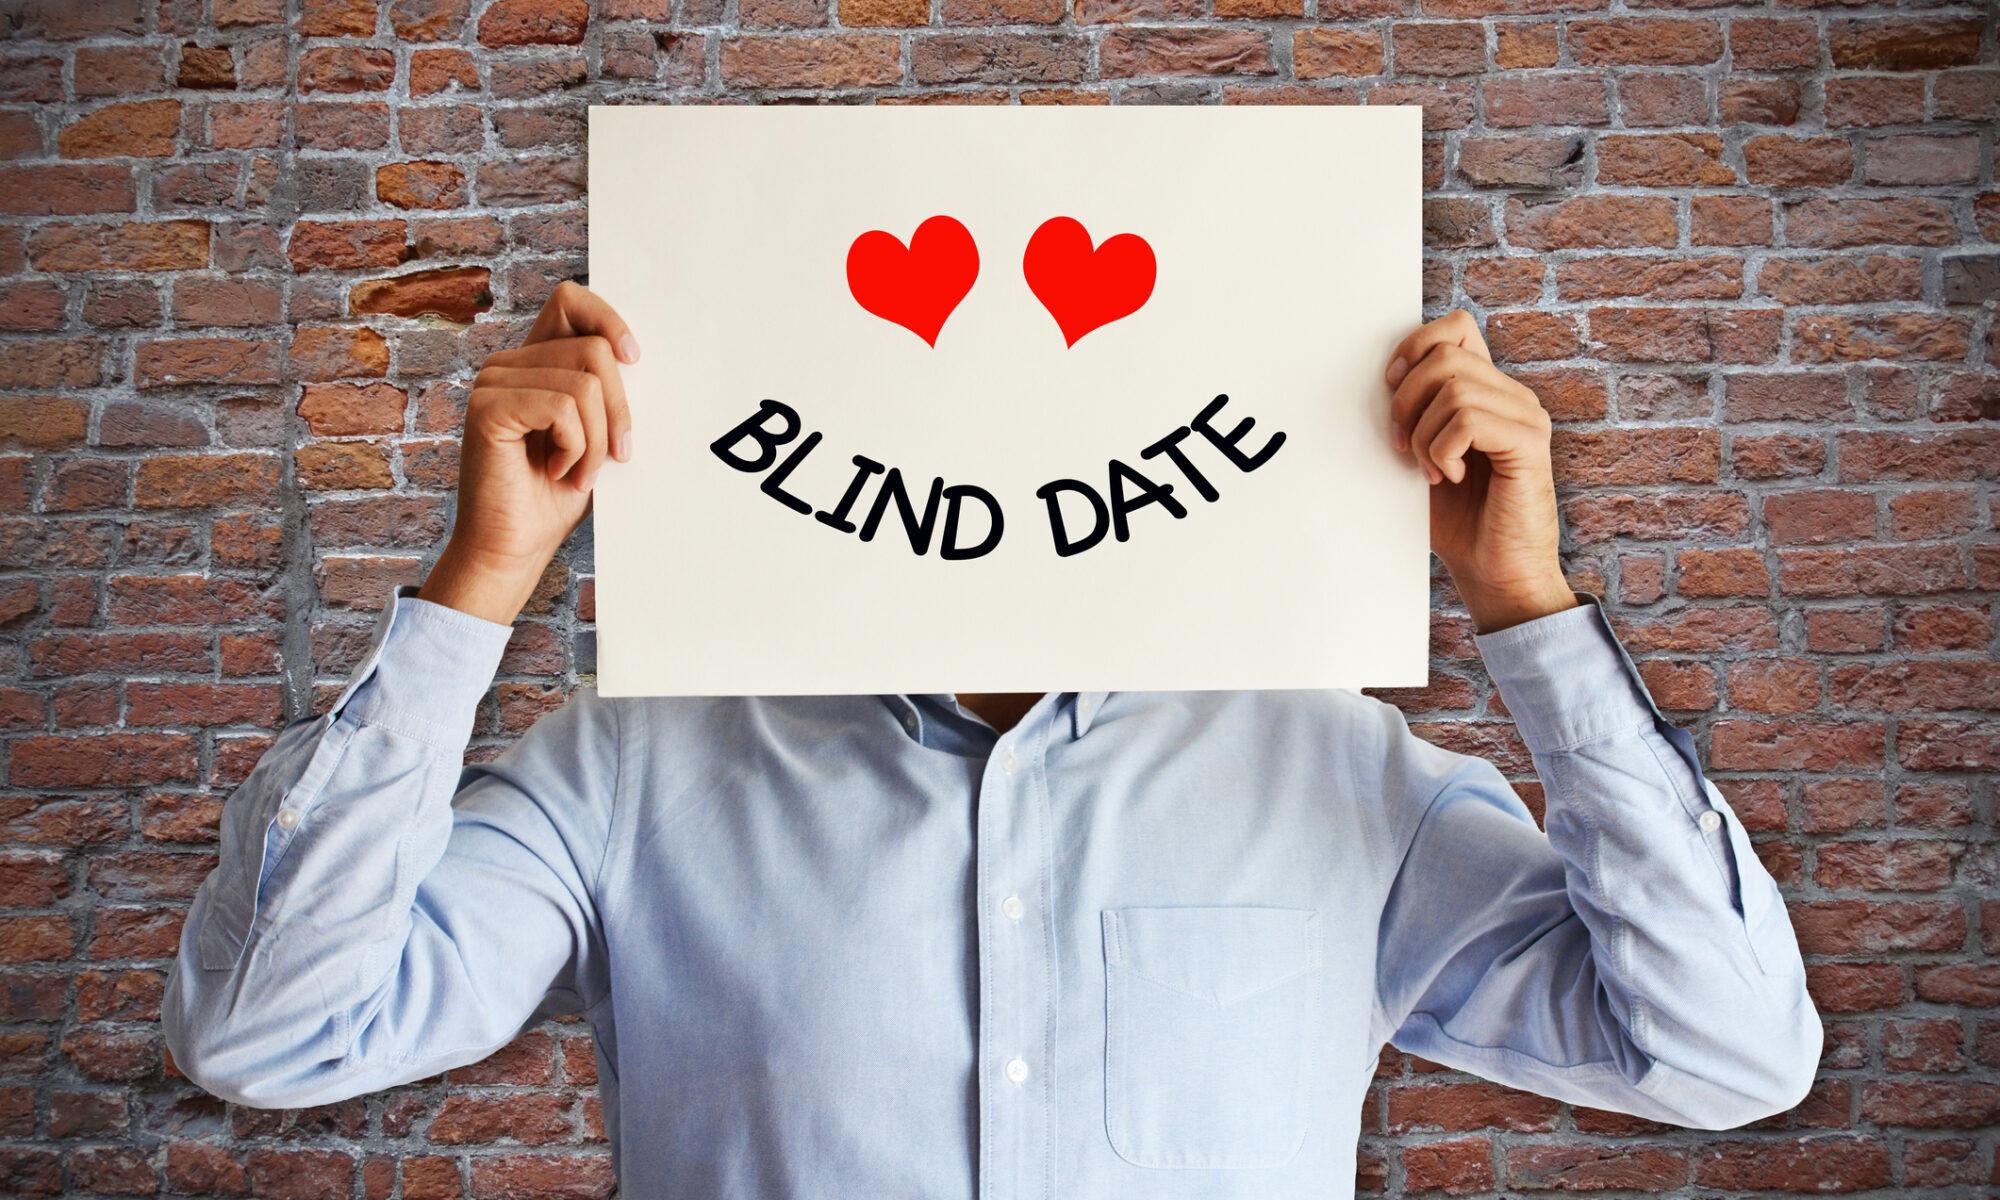 Mann hält sich ein Blind Date Schild vor dem Kopf